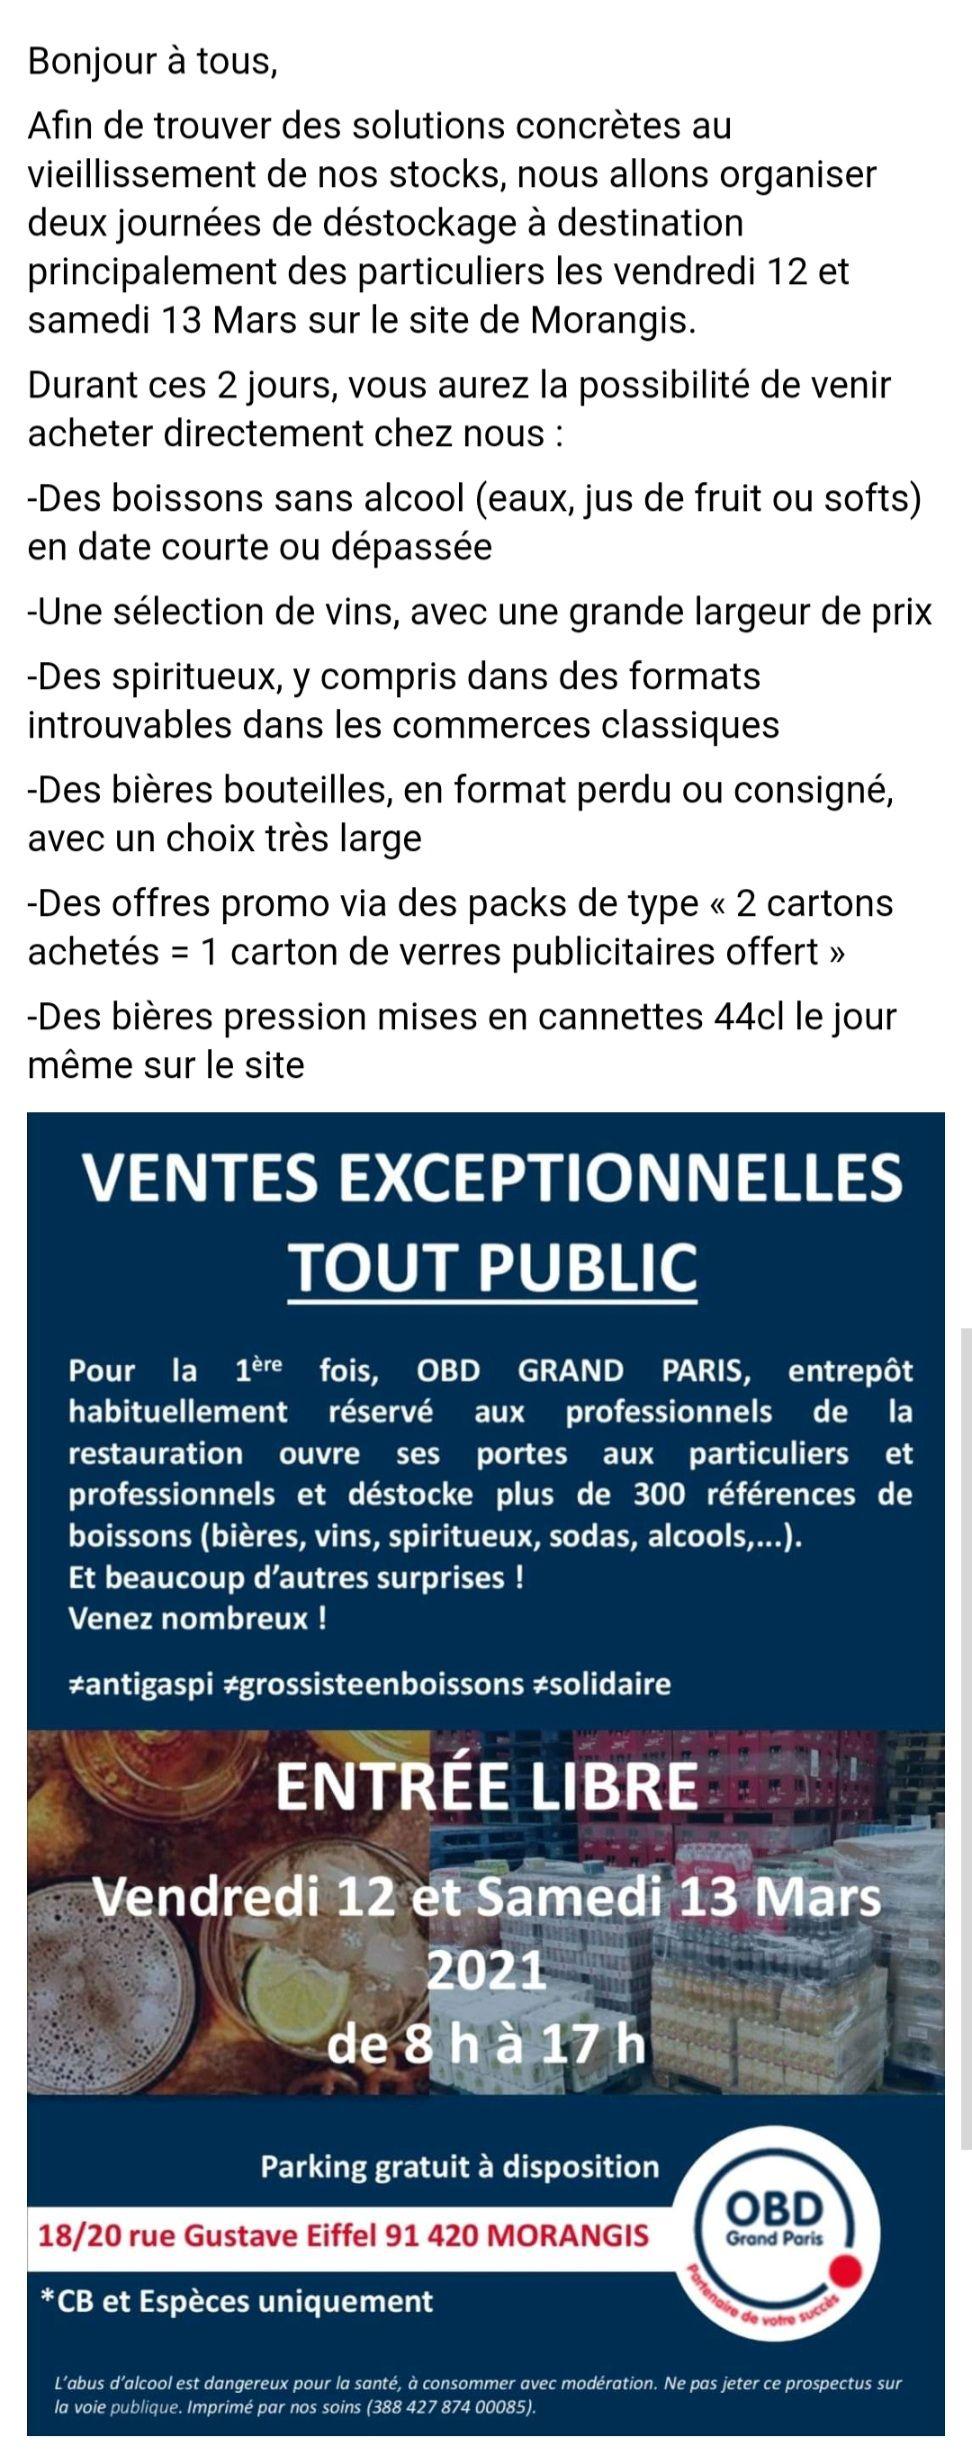 Sélection d'offres promotionnelles - Ex : 2 Cartons achetés = 1 Carton de verres publicitaires offert - OBD Grand Paris (Morangis 91)